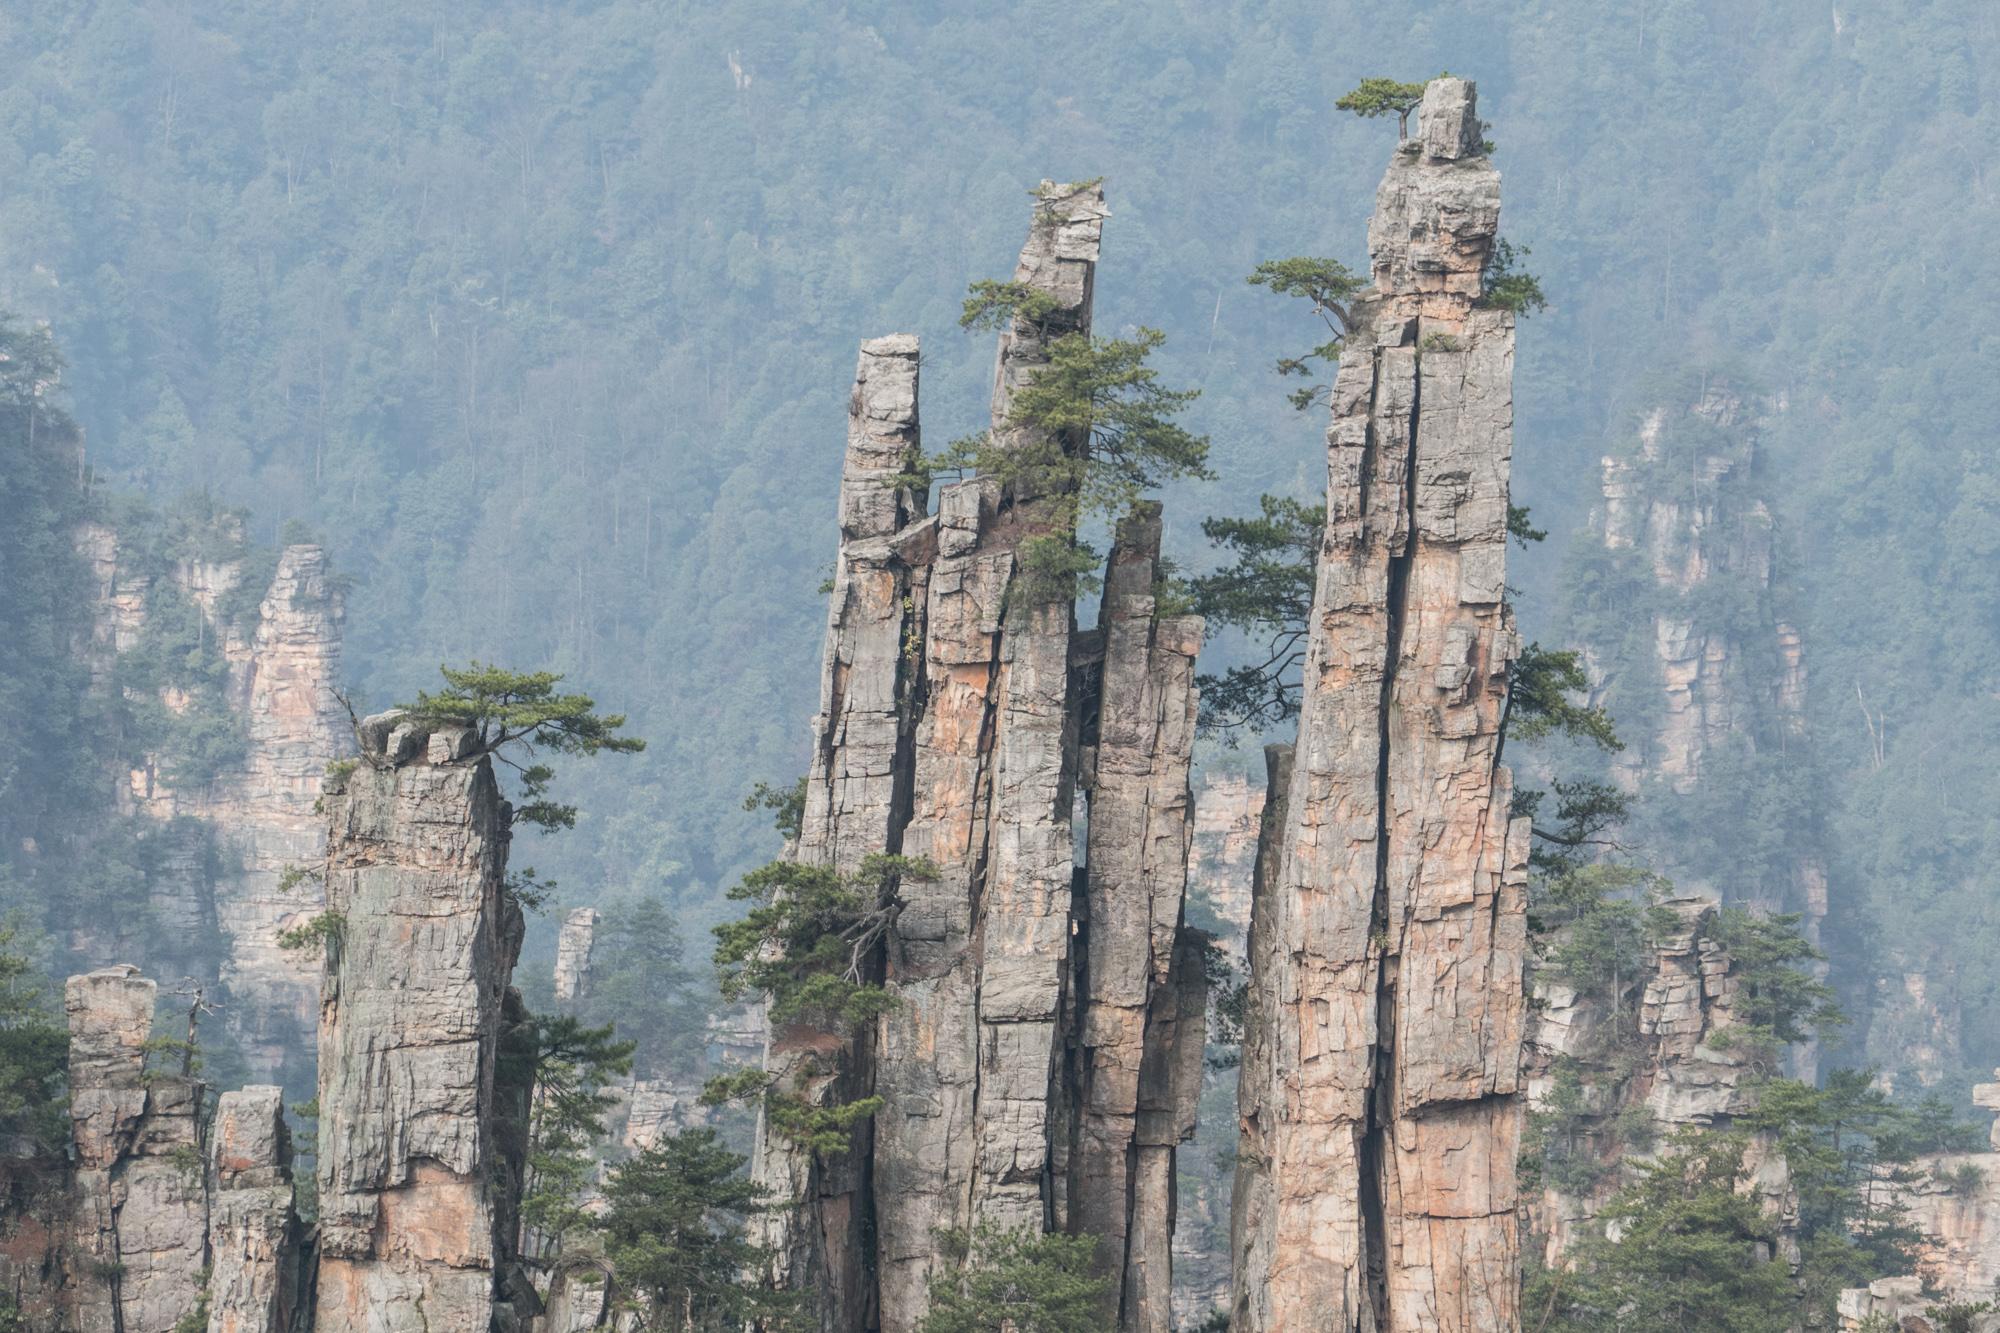 Pillars of quartzite sandstone in ZJJ National Park